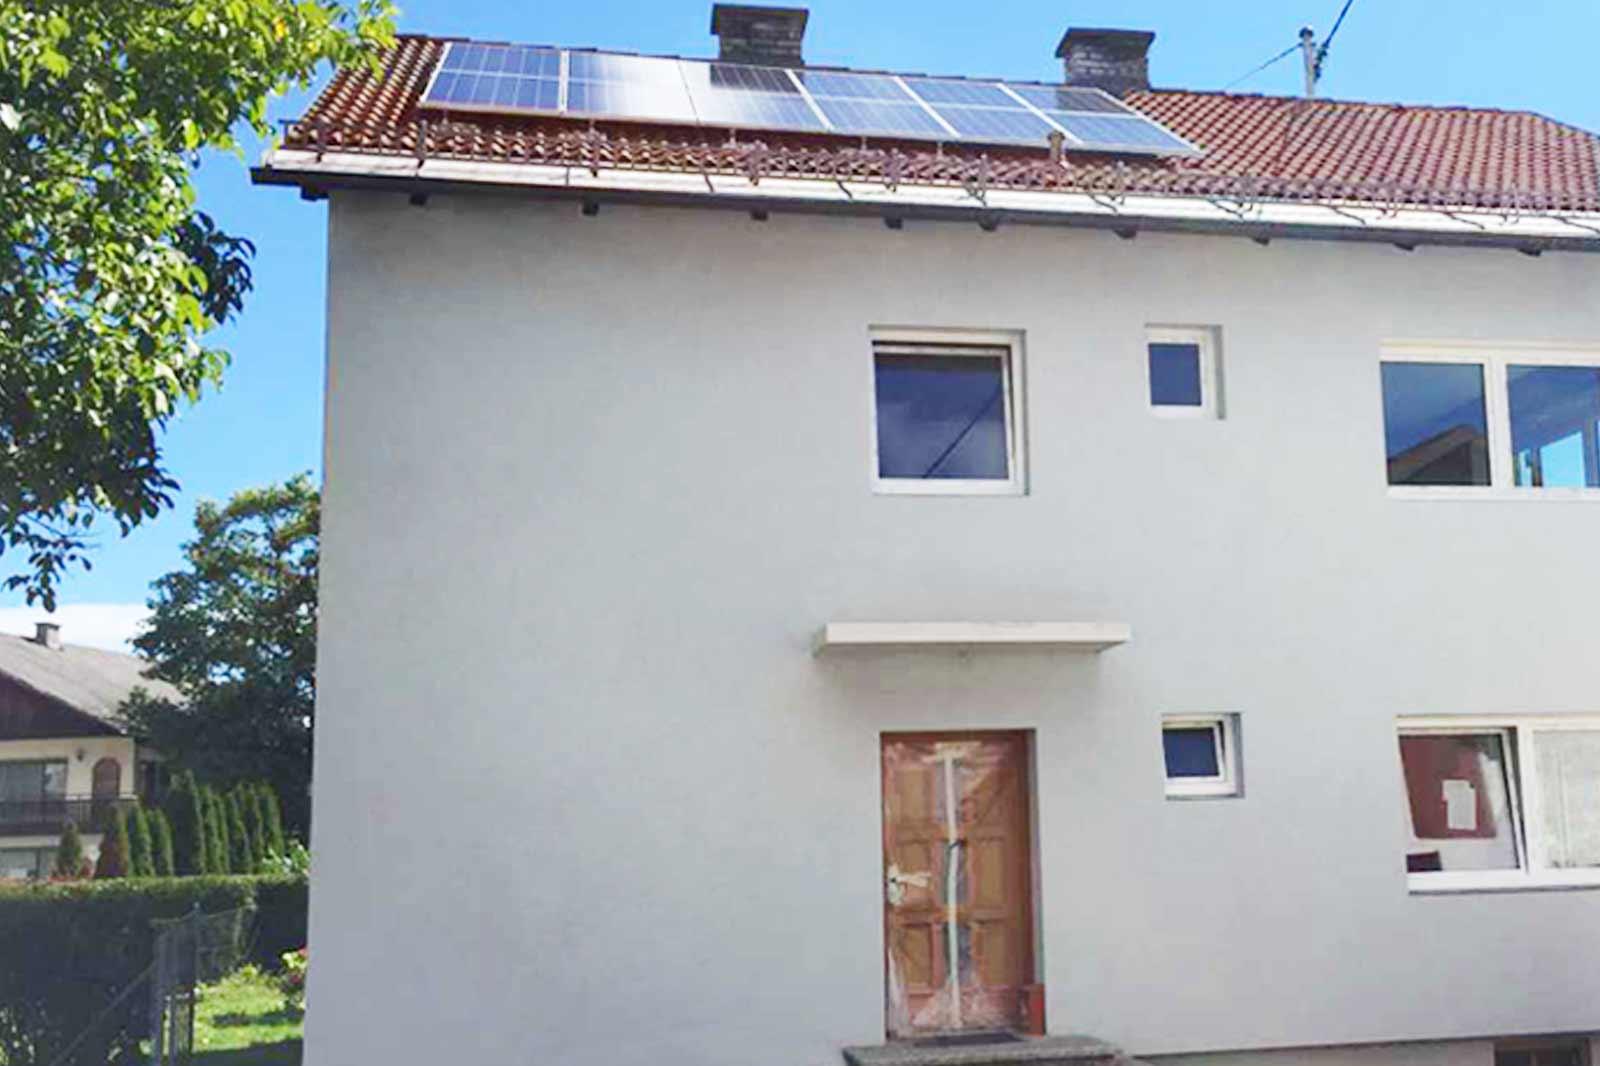 Weißes Einfamilienhaus mit Photovoltaikanlage am Dach